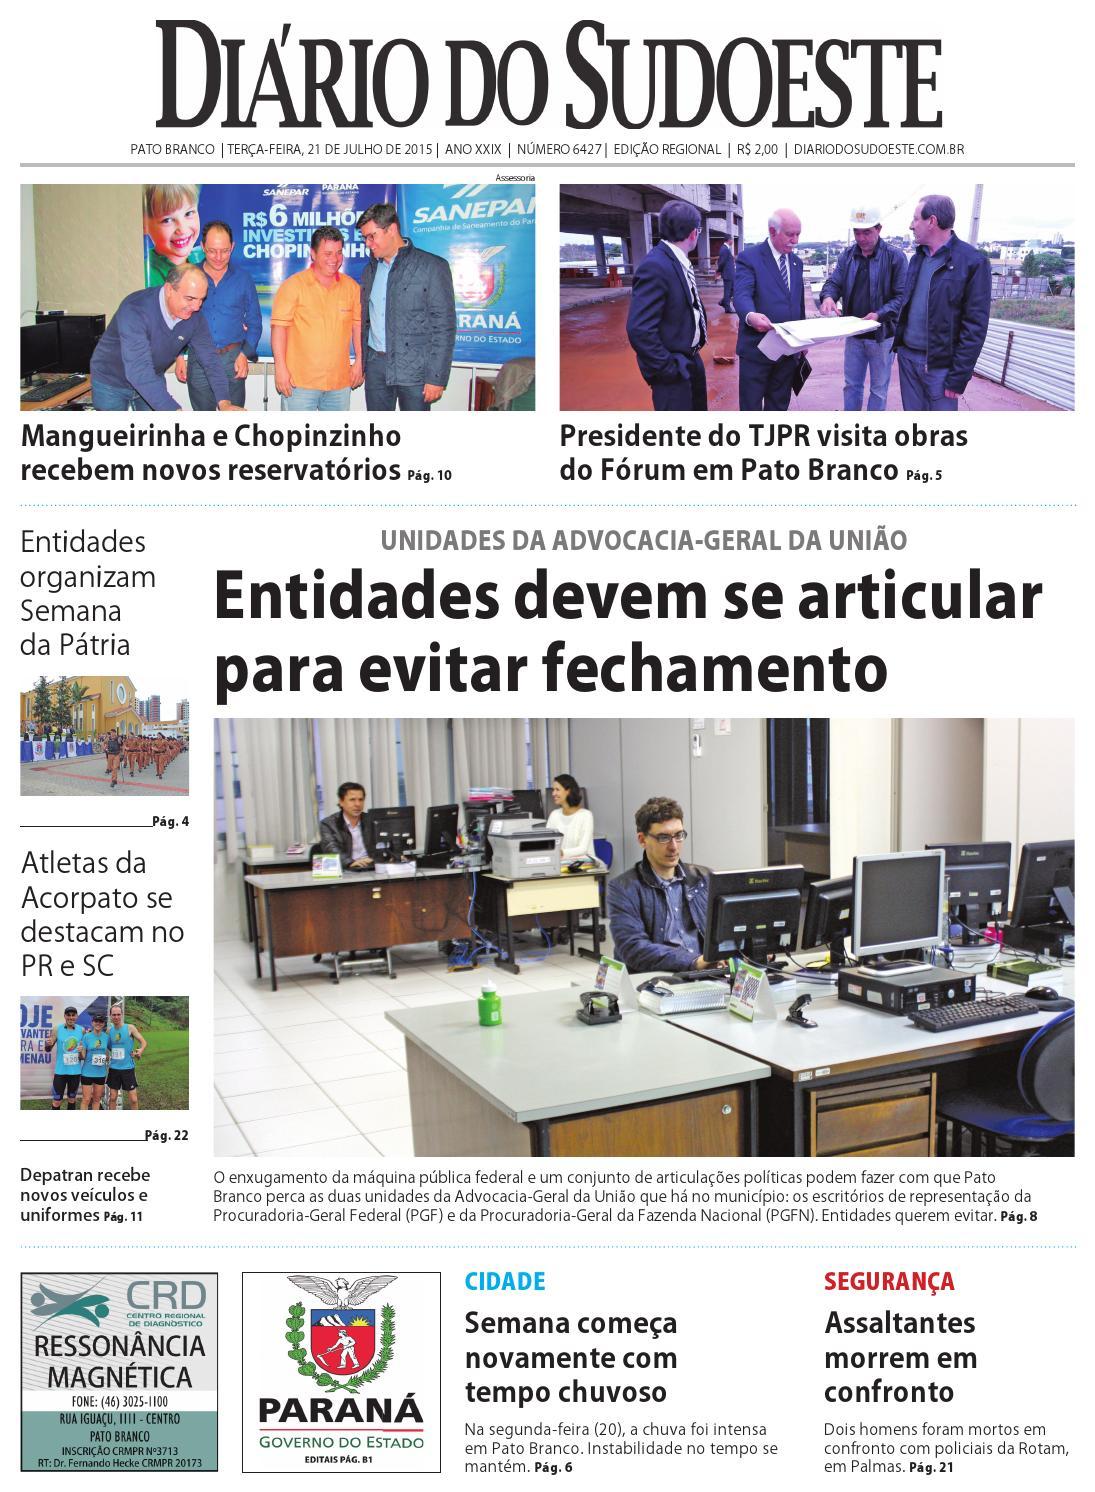 Diário do sudoeste 21 de julho de 2015 ed 6427 by Diário do Sudoeste - issuu 4529338bd58a6